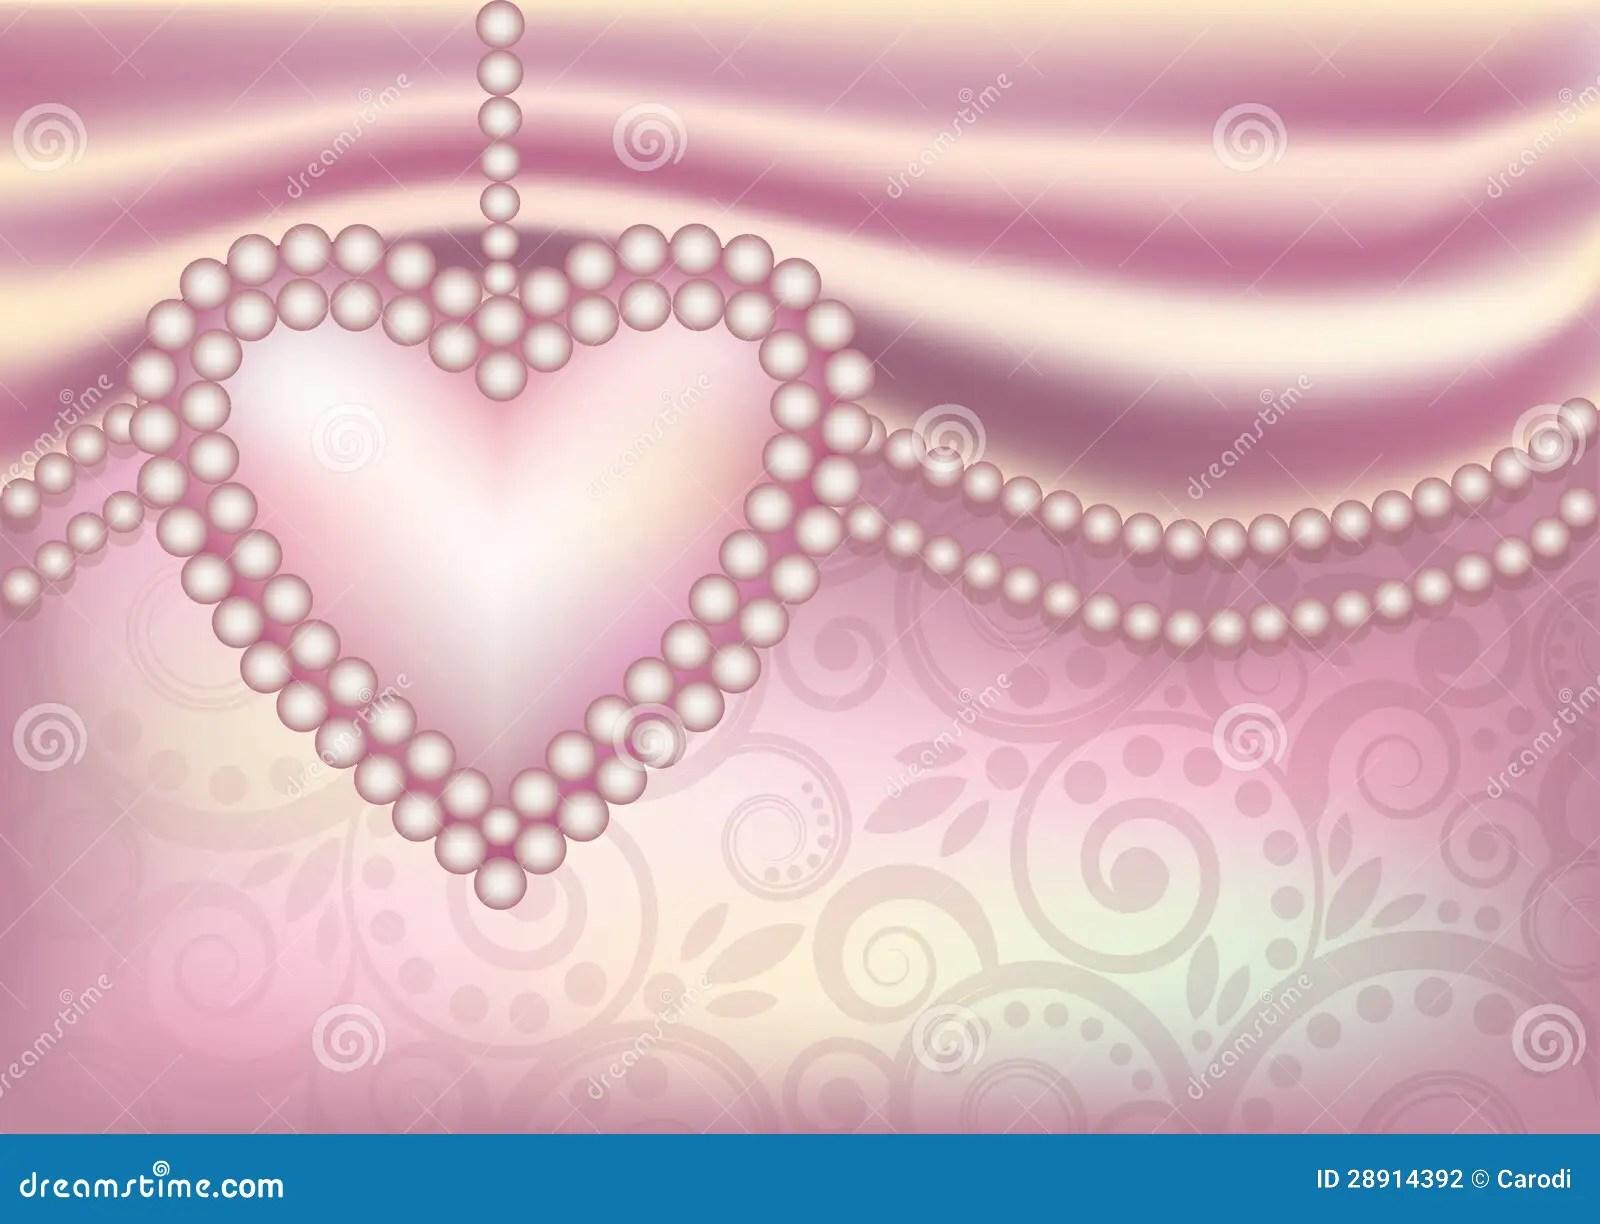 3d Flower Wallpaper For Pc Papier Peint De Mariage Avec Le Coeur De Perle